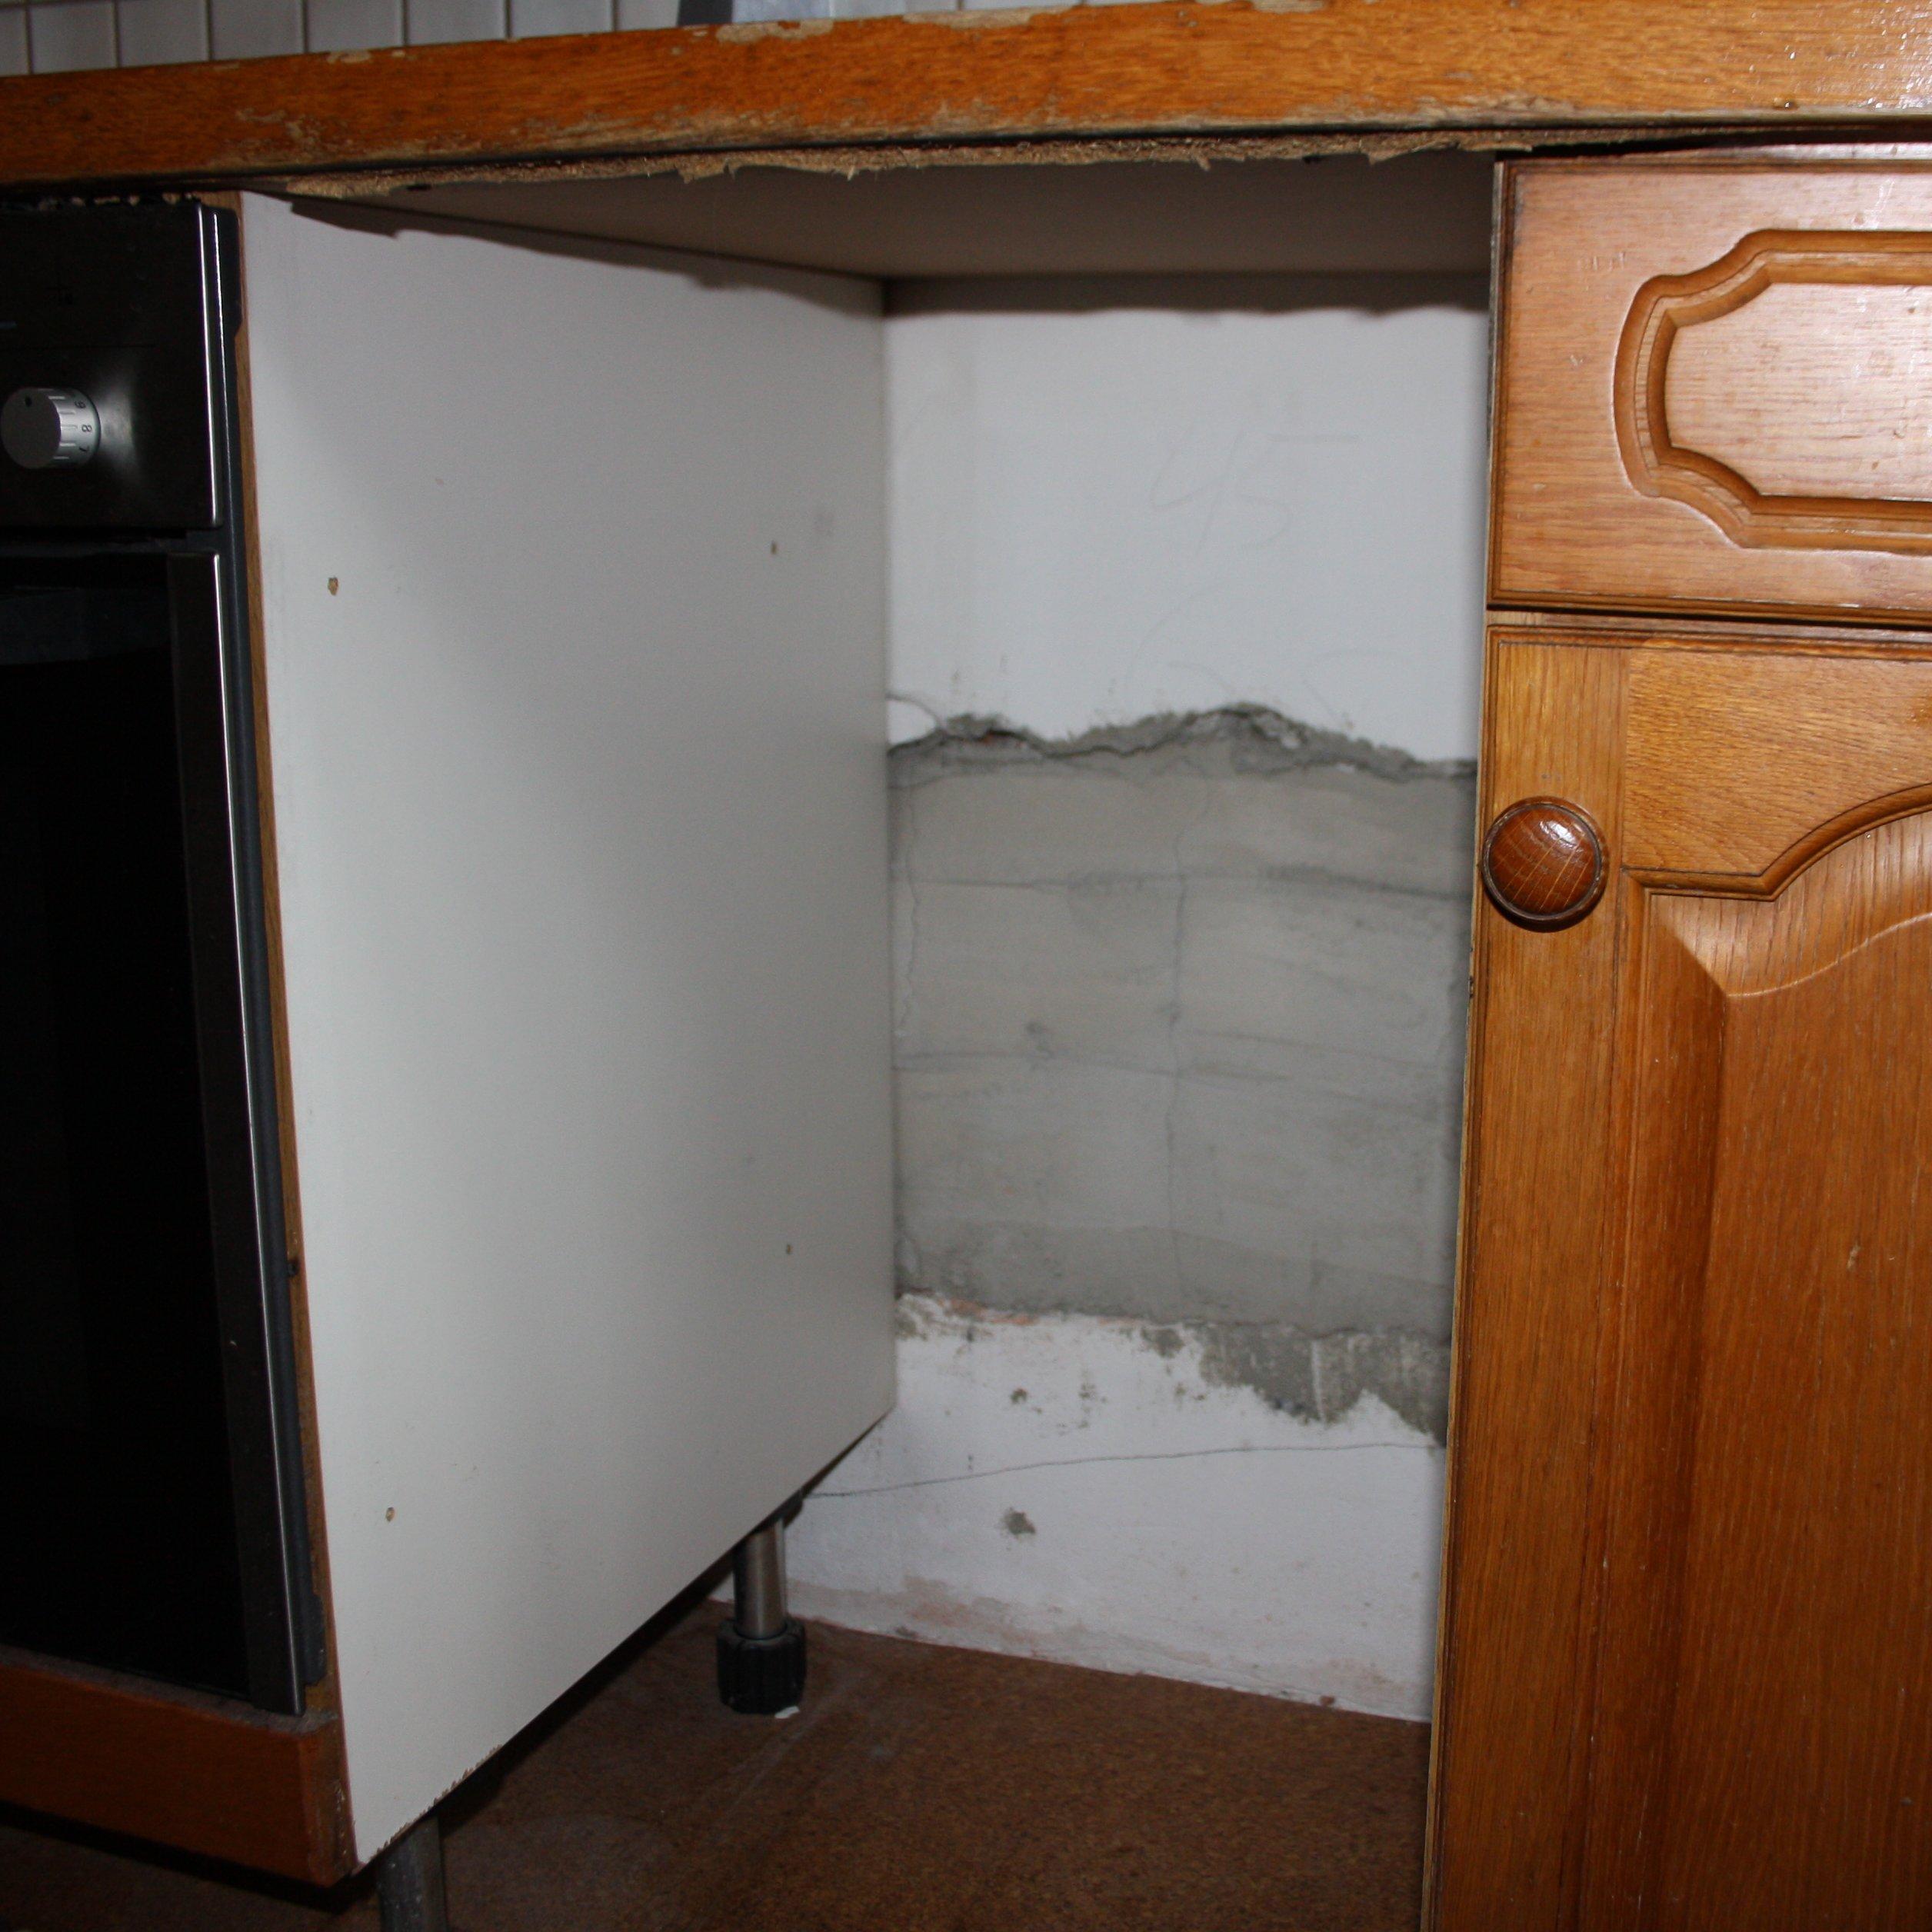 Kuche In Mietwohnung Spulmaschine Kaputt Spulmaschine Ersetzen